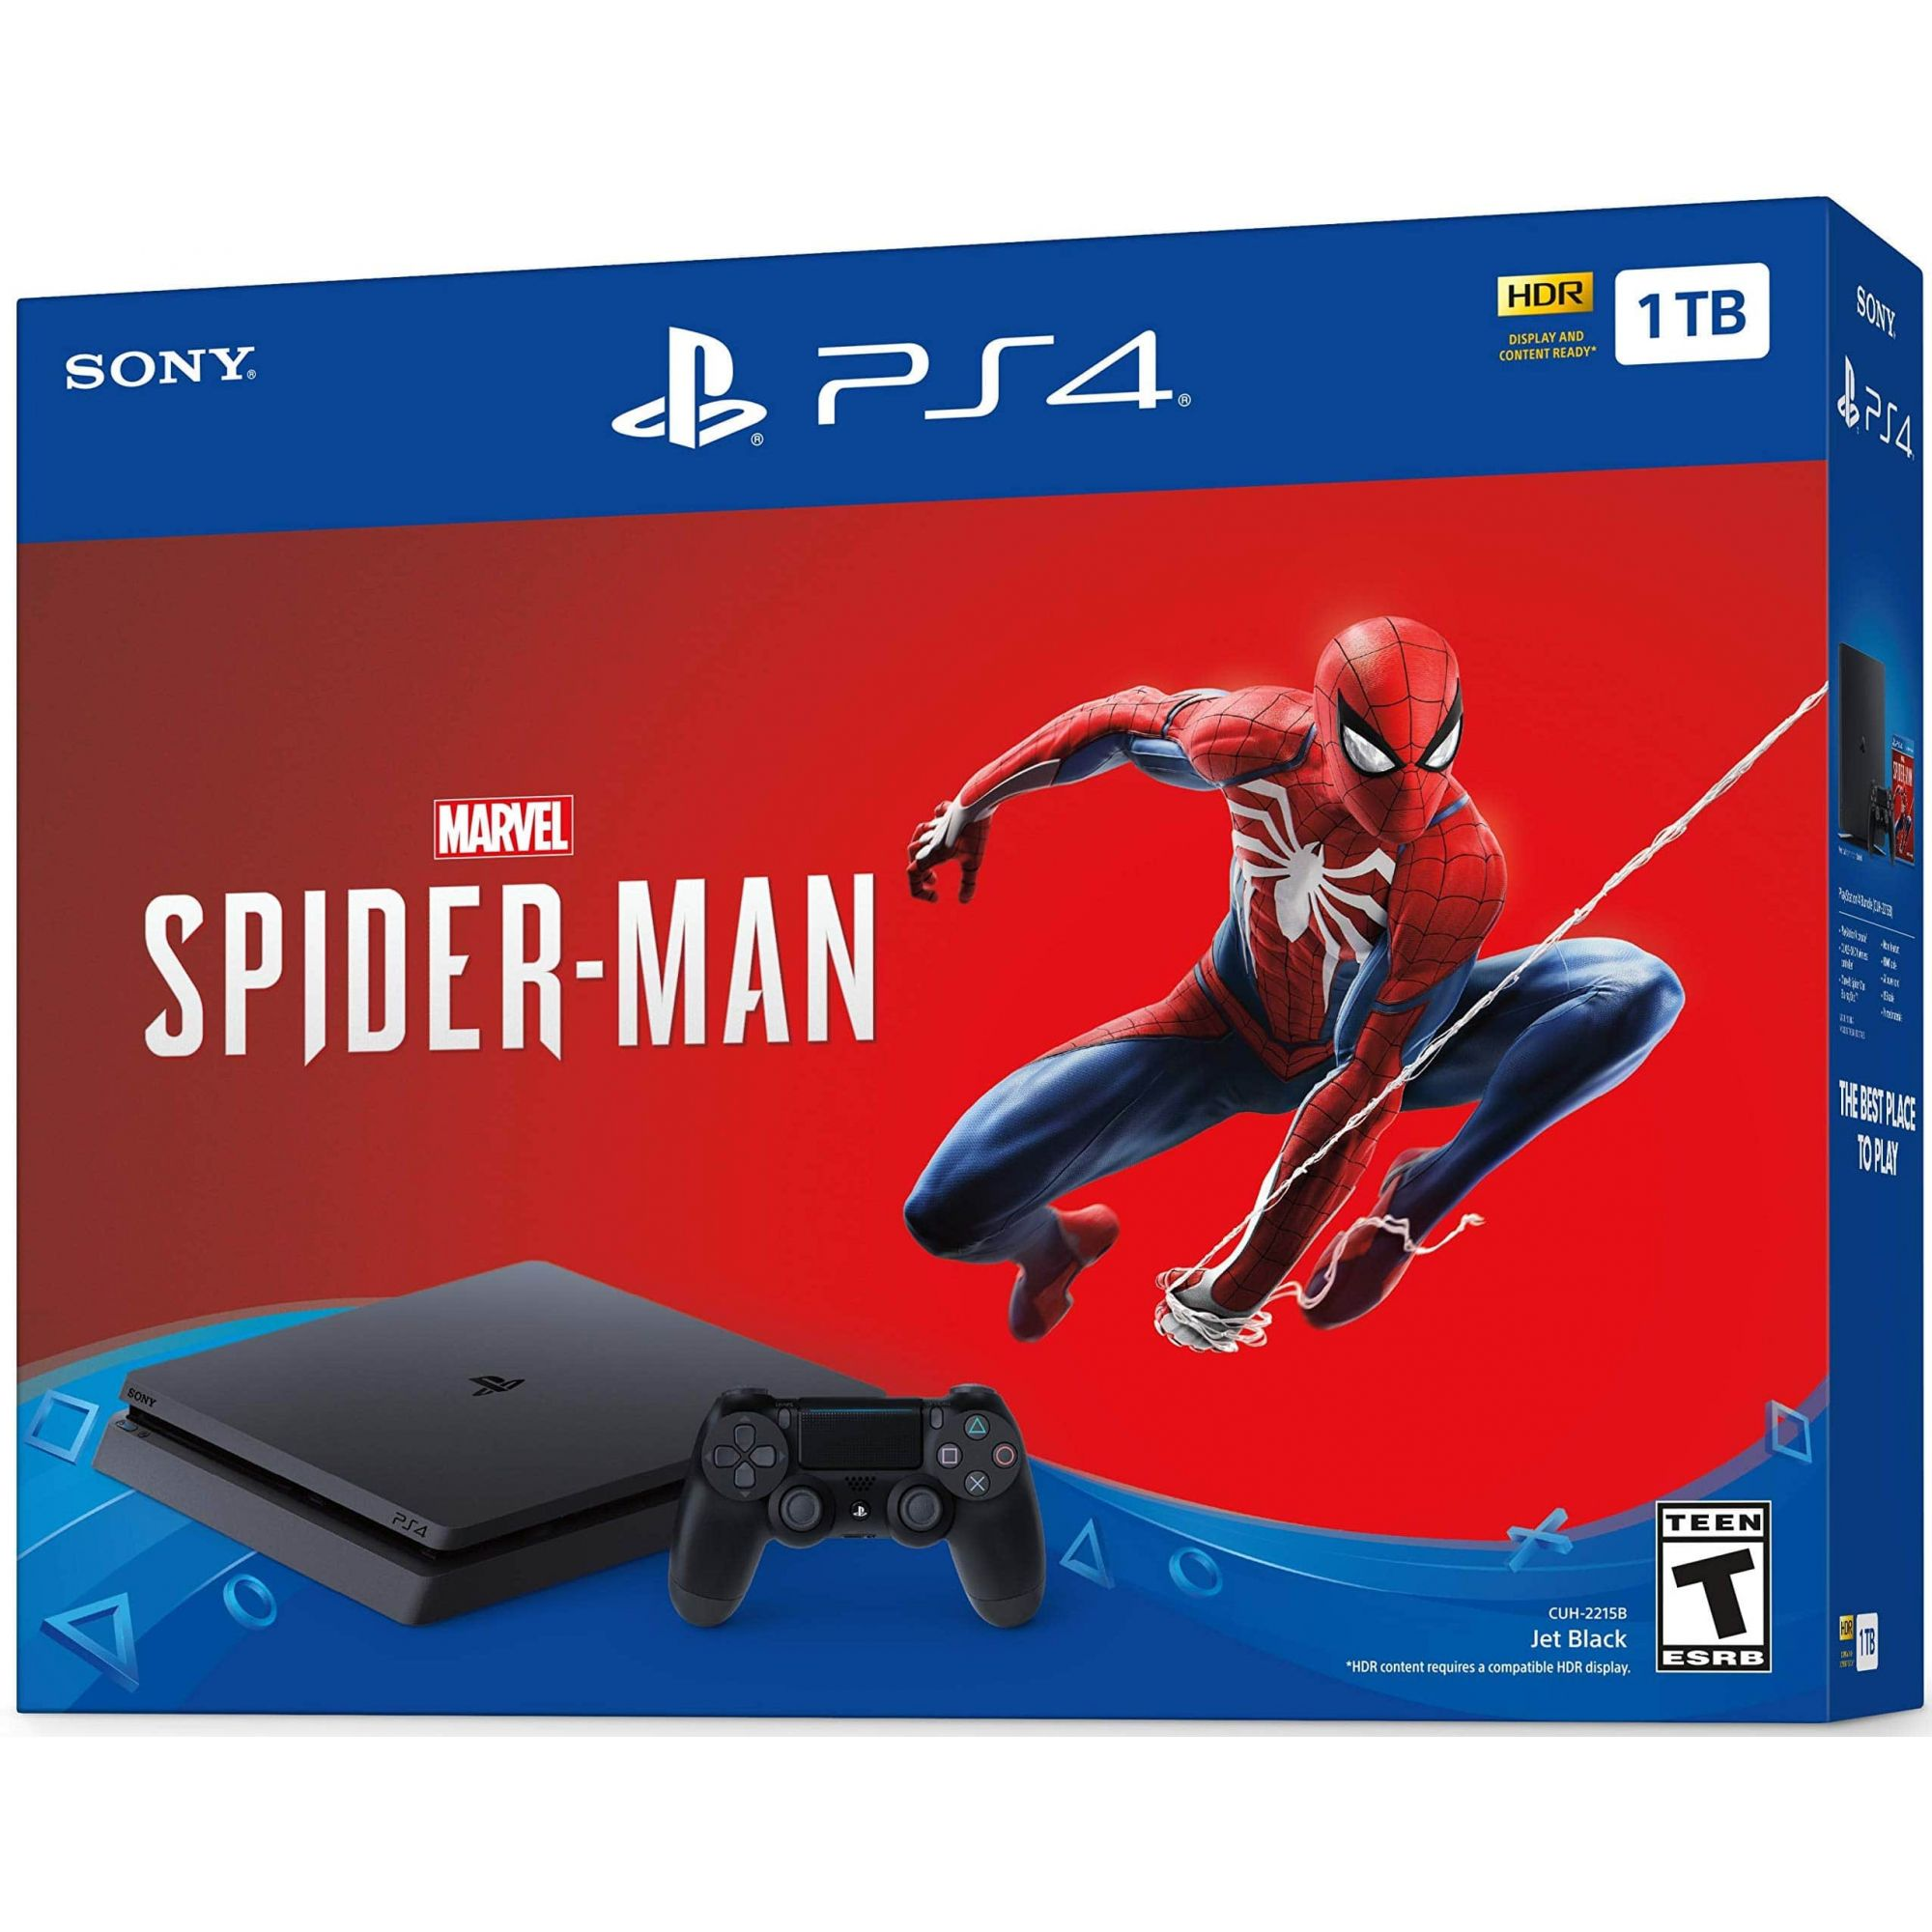 Console Sony PlayStation 4 Slim 1TB HDR + Jogo Spider-Man - Preto